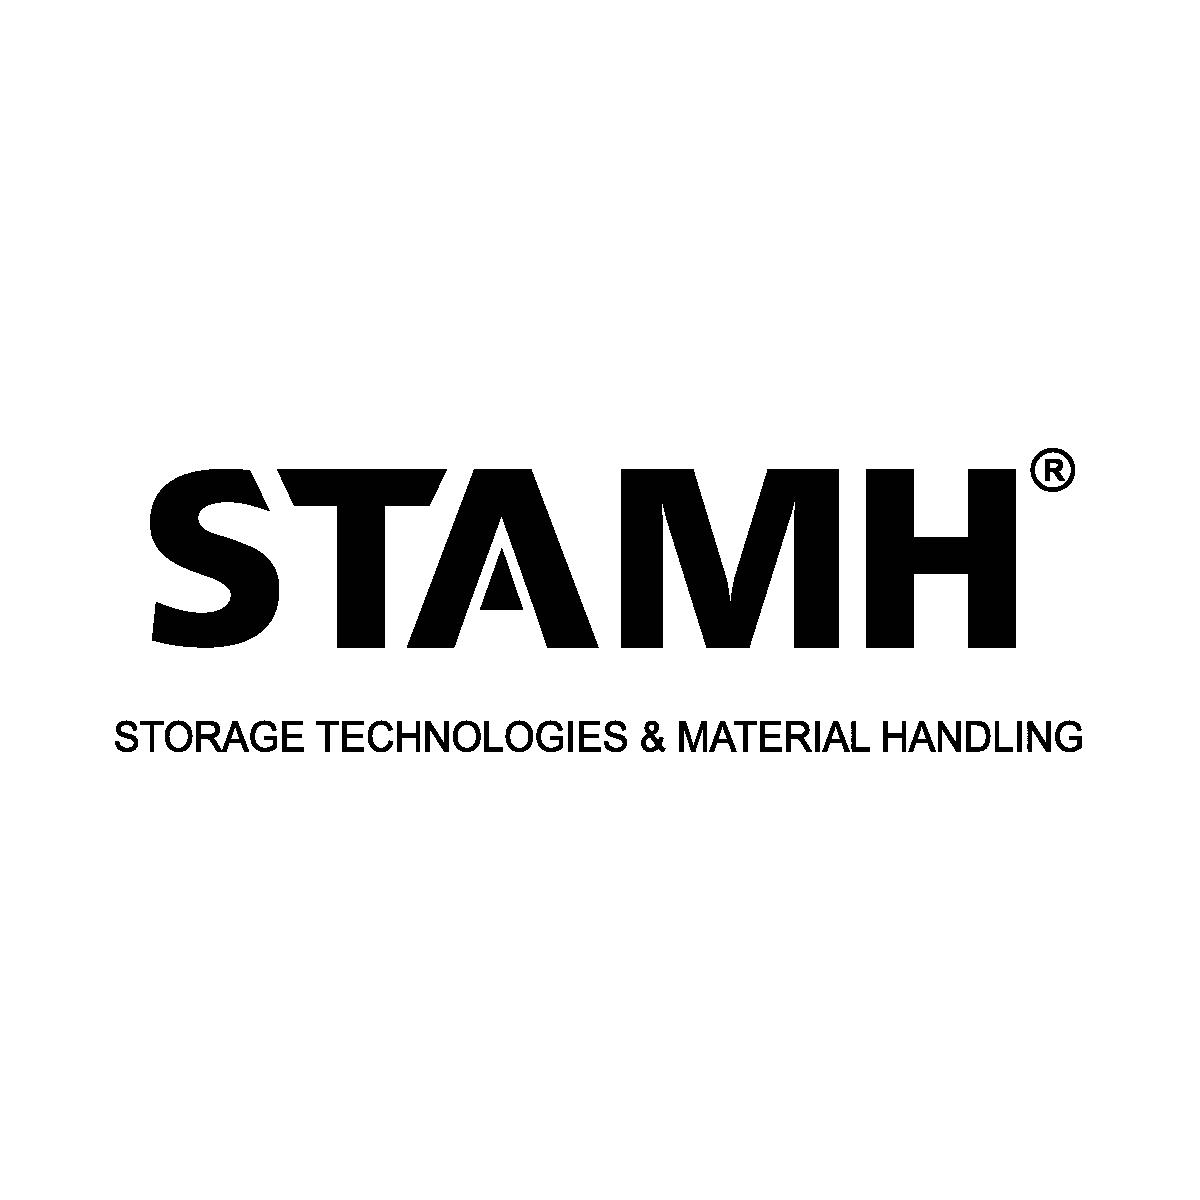 image_10